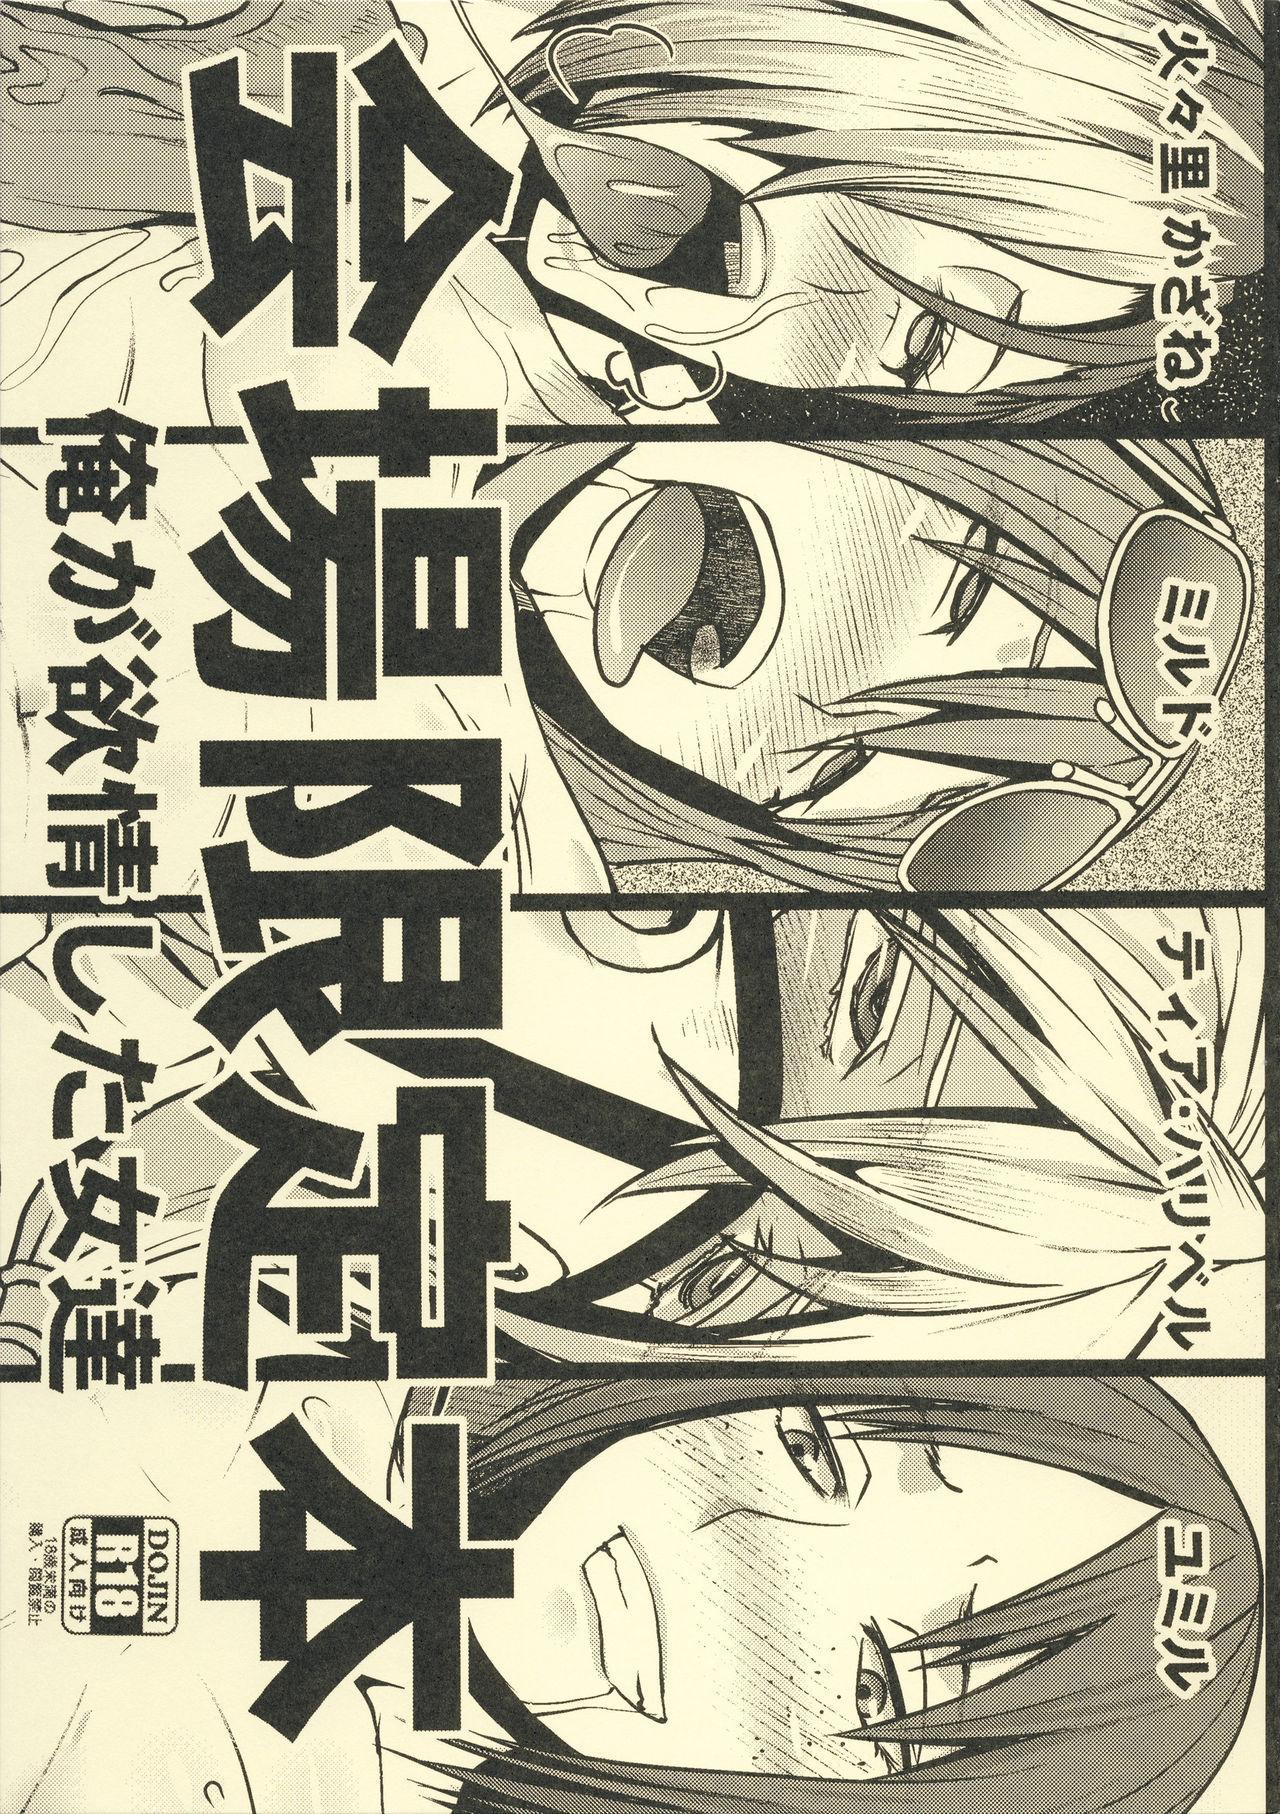 Kaijou Genteibon Ore ga Yokujou Shita Onna-tachi 0